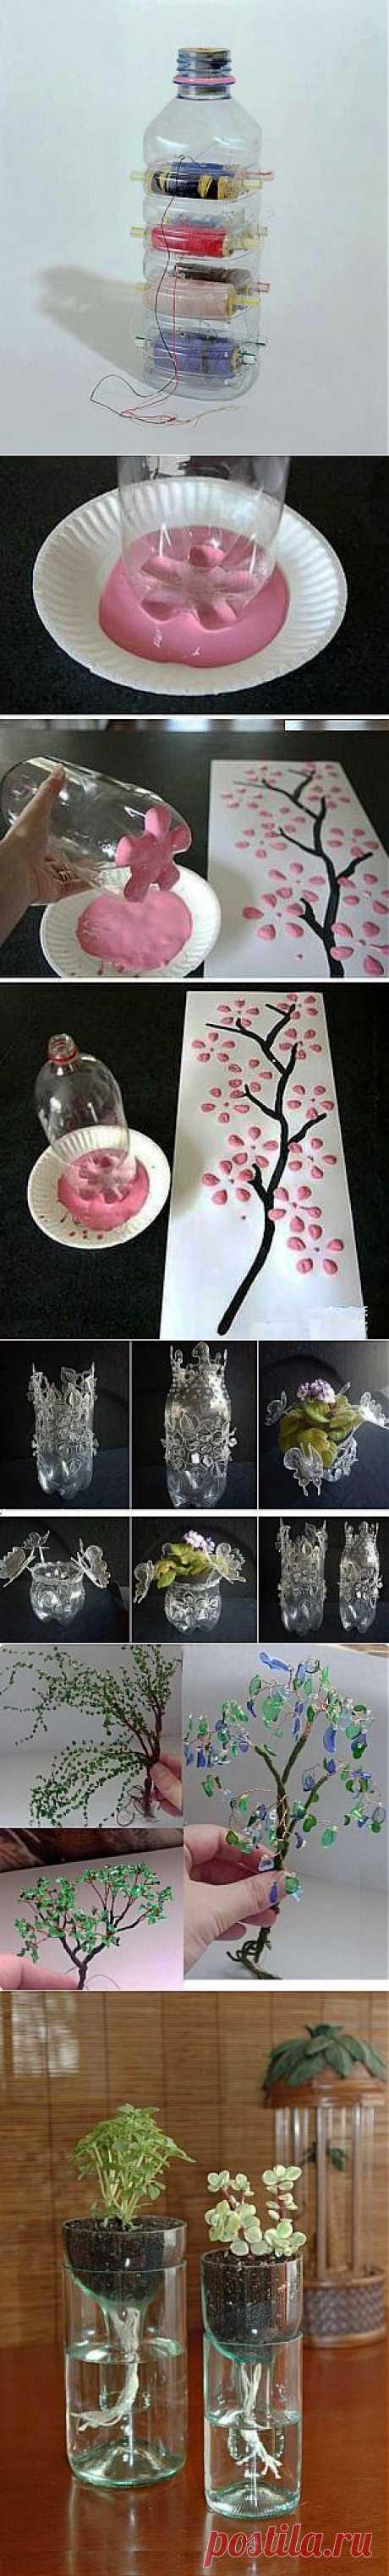 Сокровища рядом или пластик вам в помощь - Ярмарка Мастеров - ручная работа, handmade